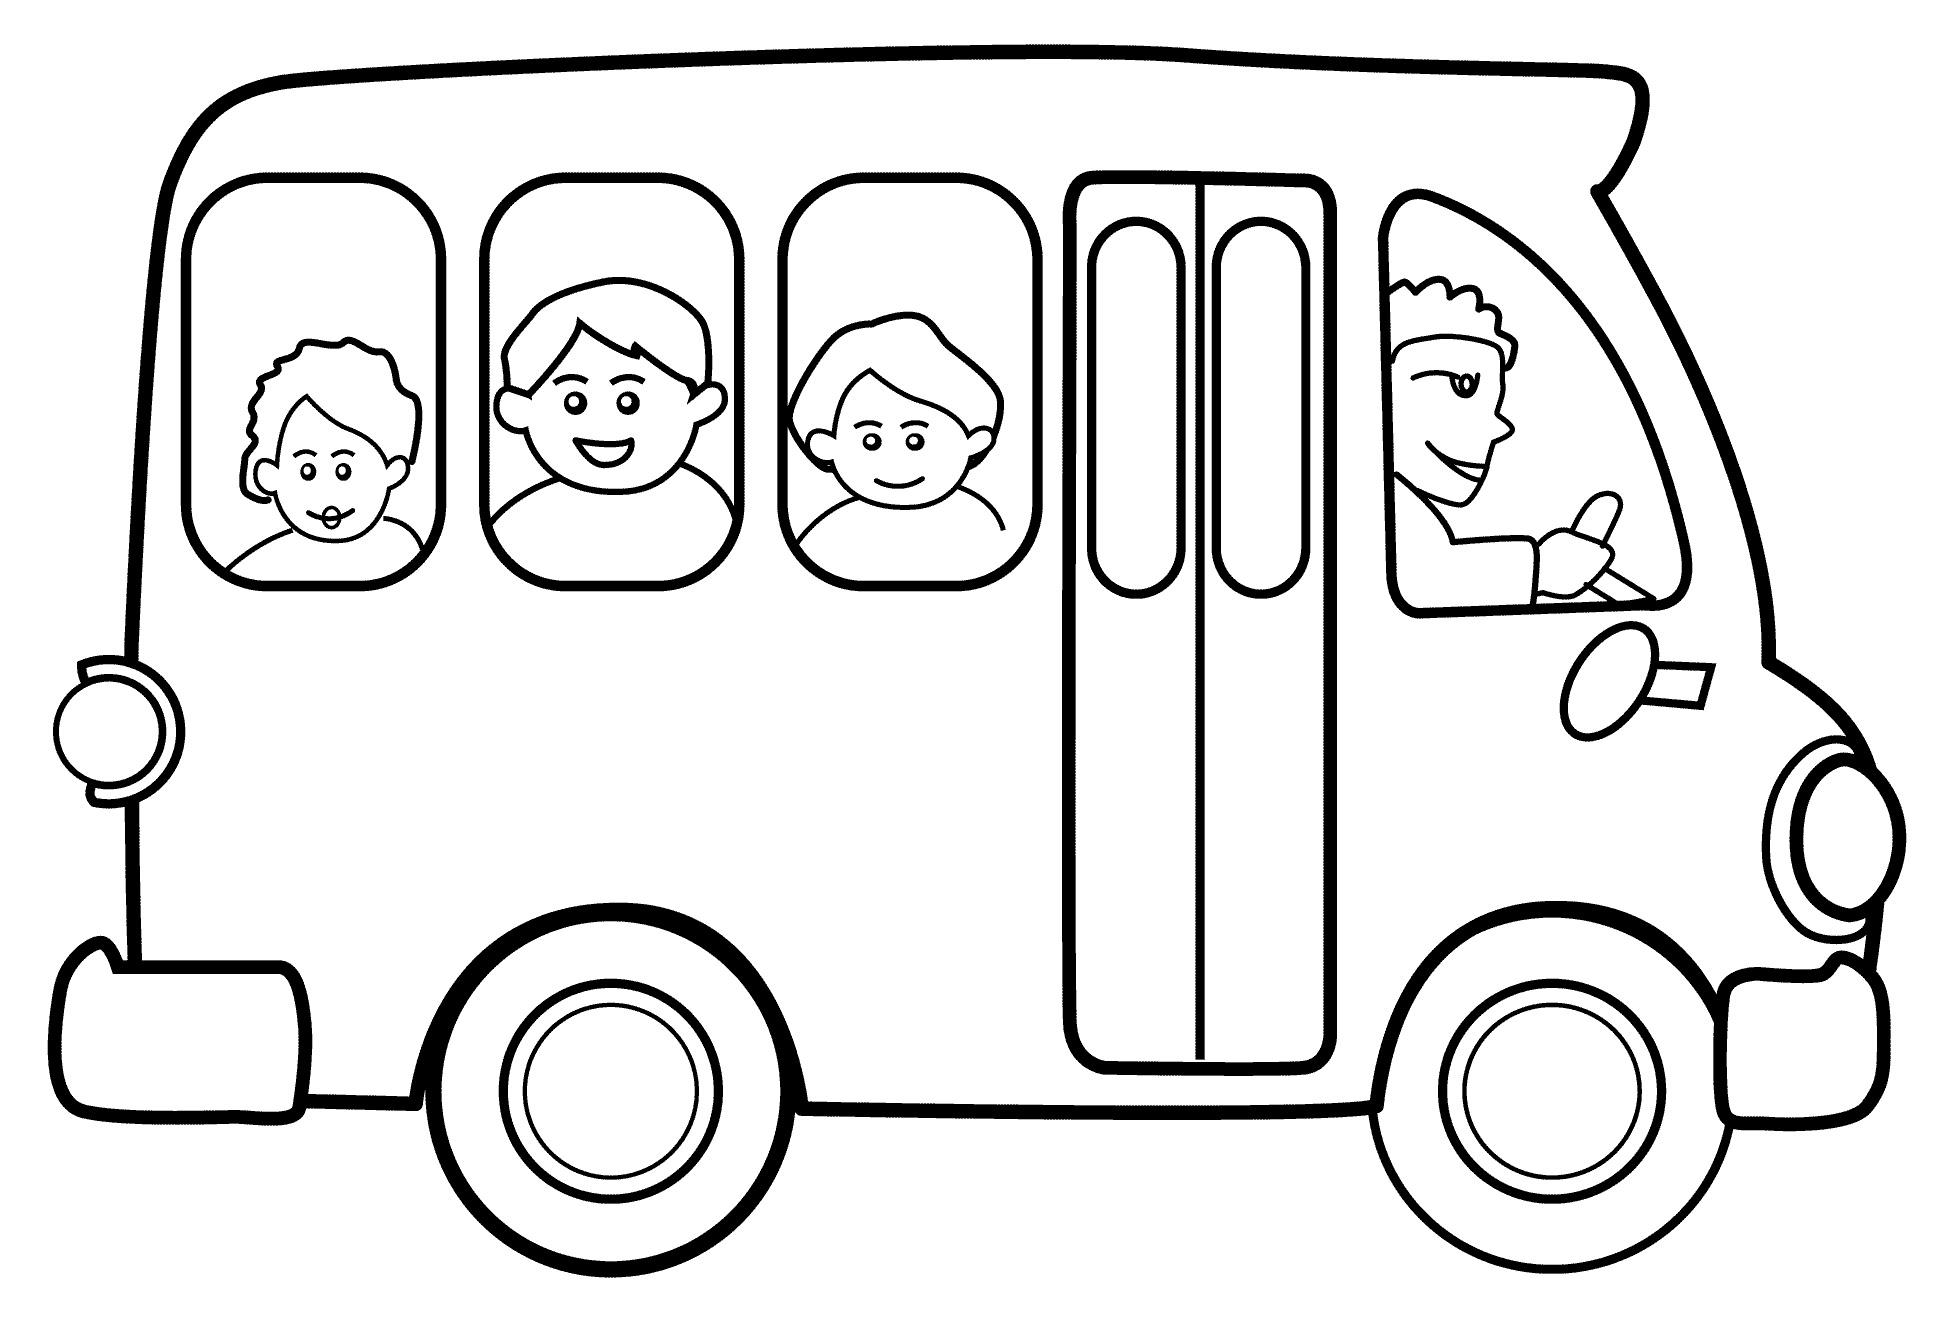 Раскраска Школьный автобус распечатать или скачать бесплатно